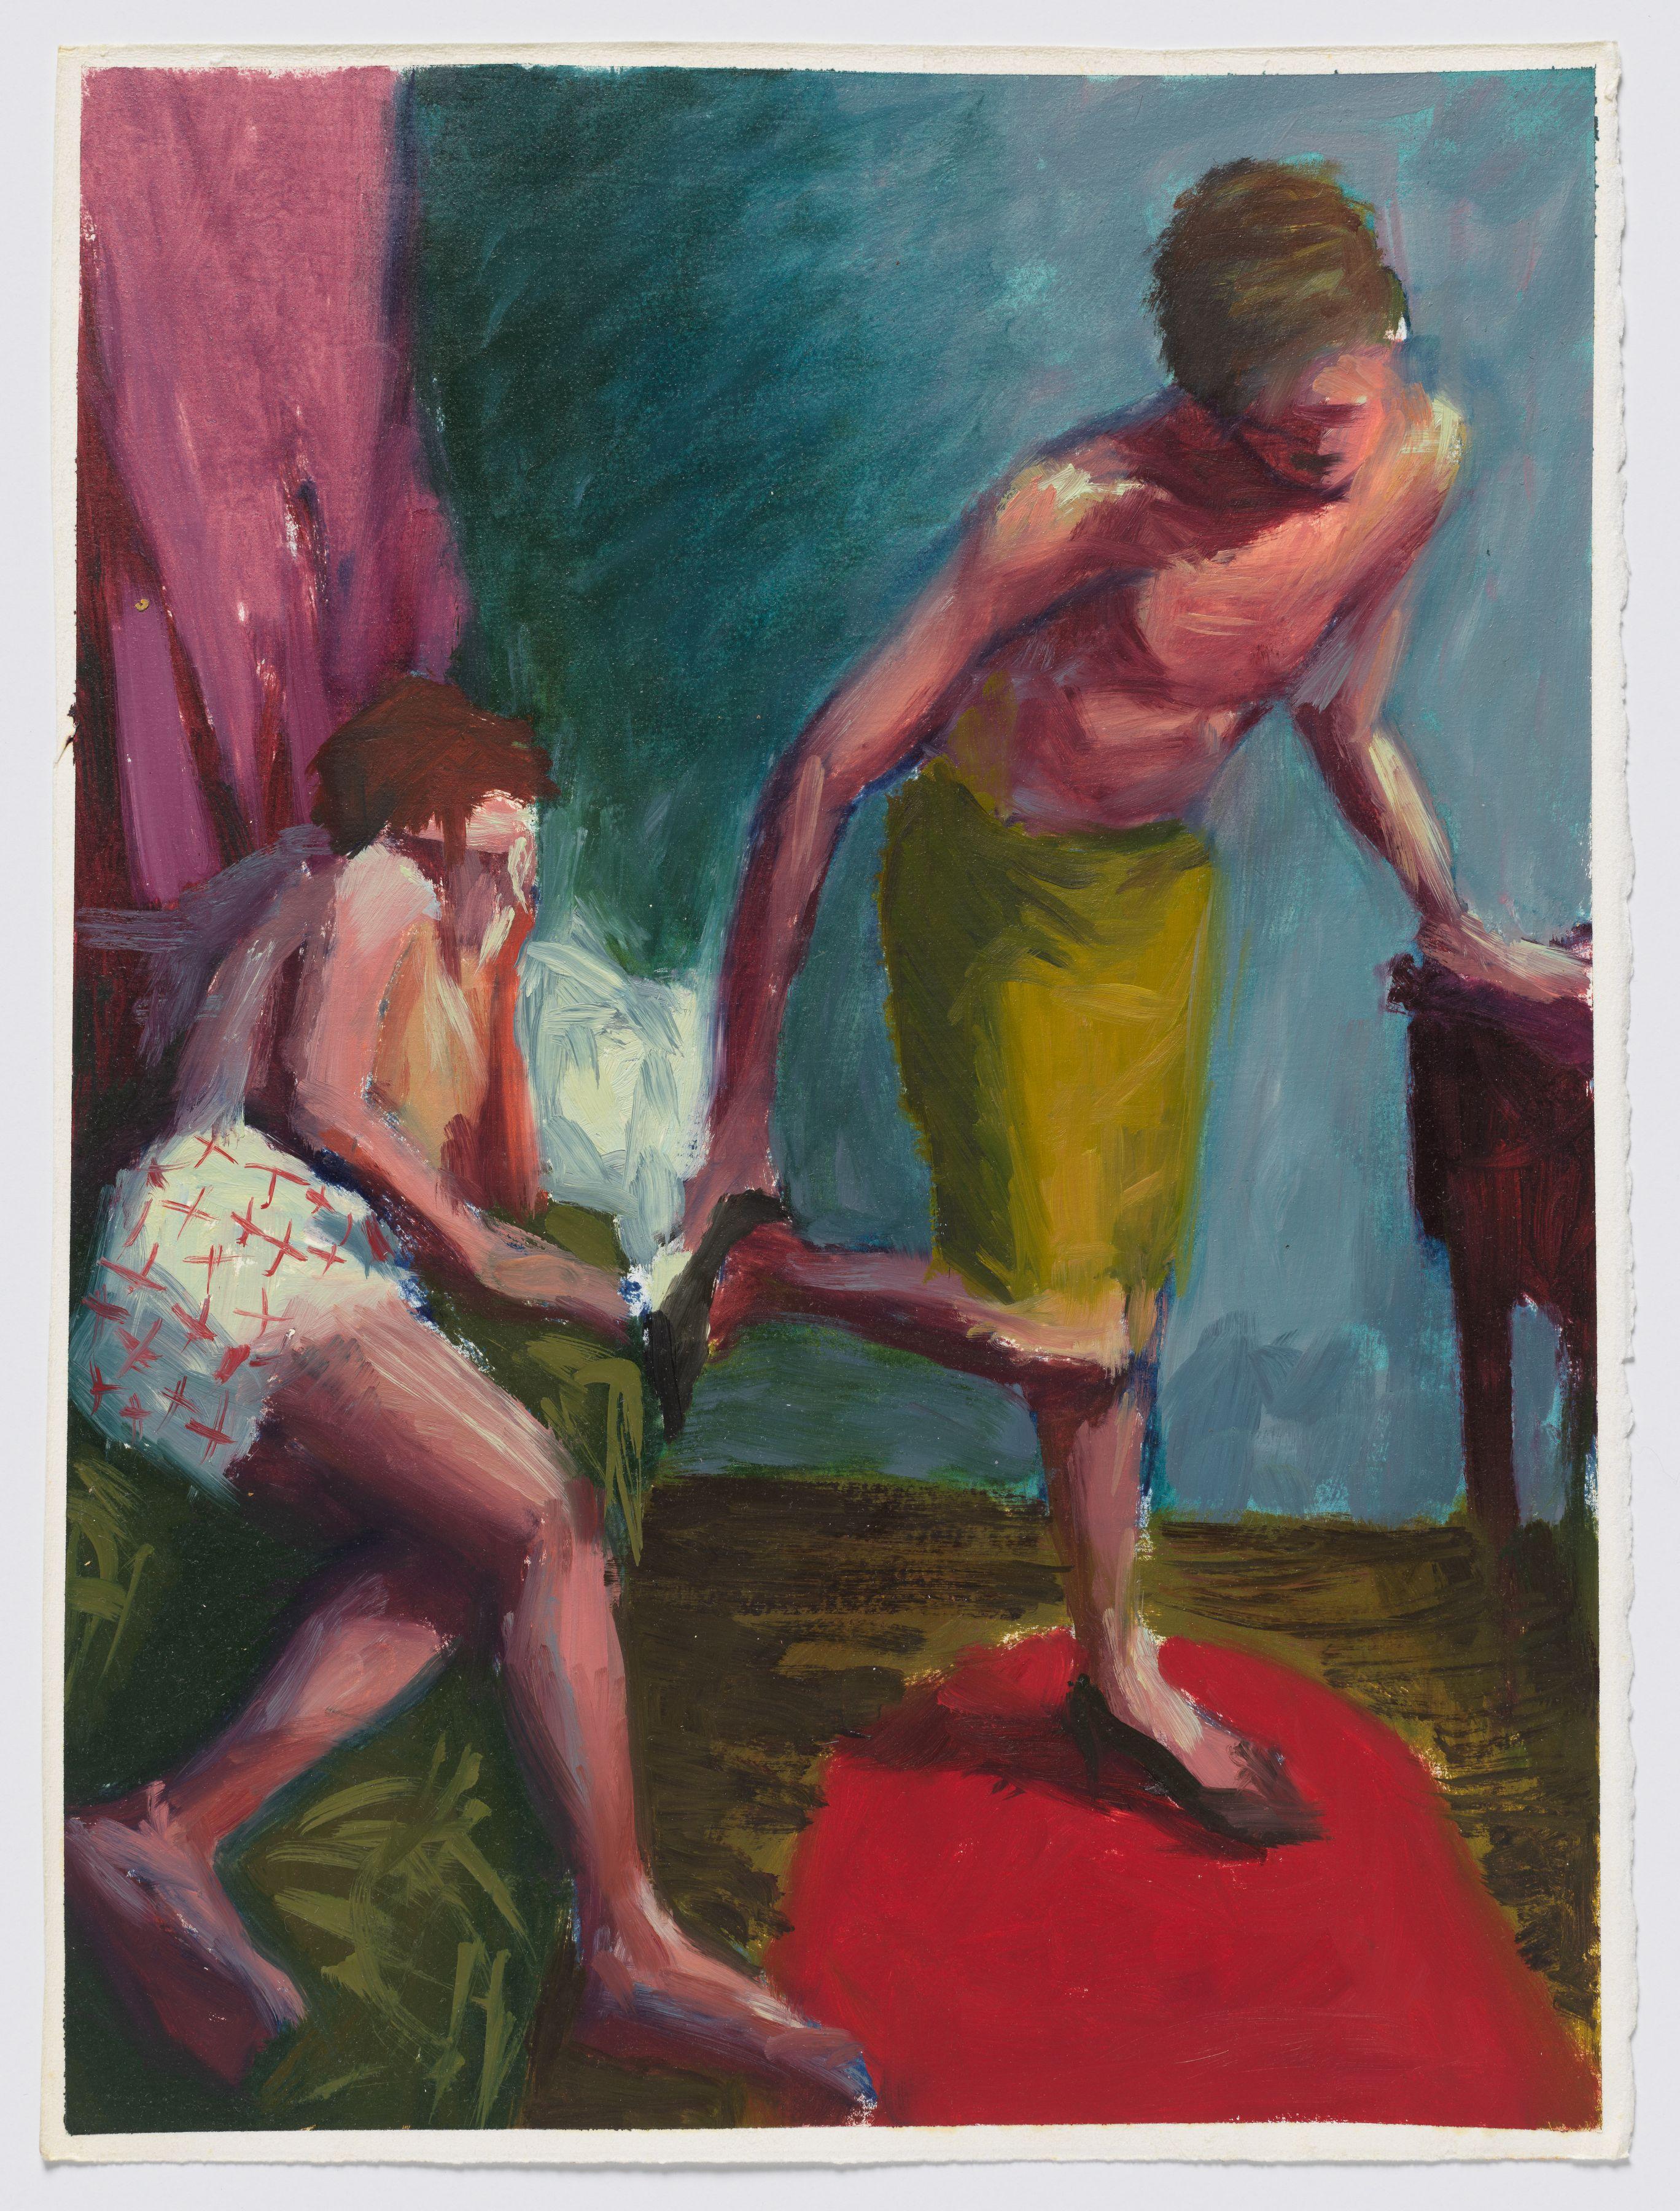 Hugh Steers Dressing, 1987